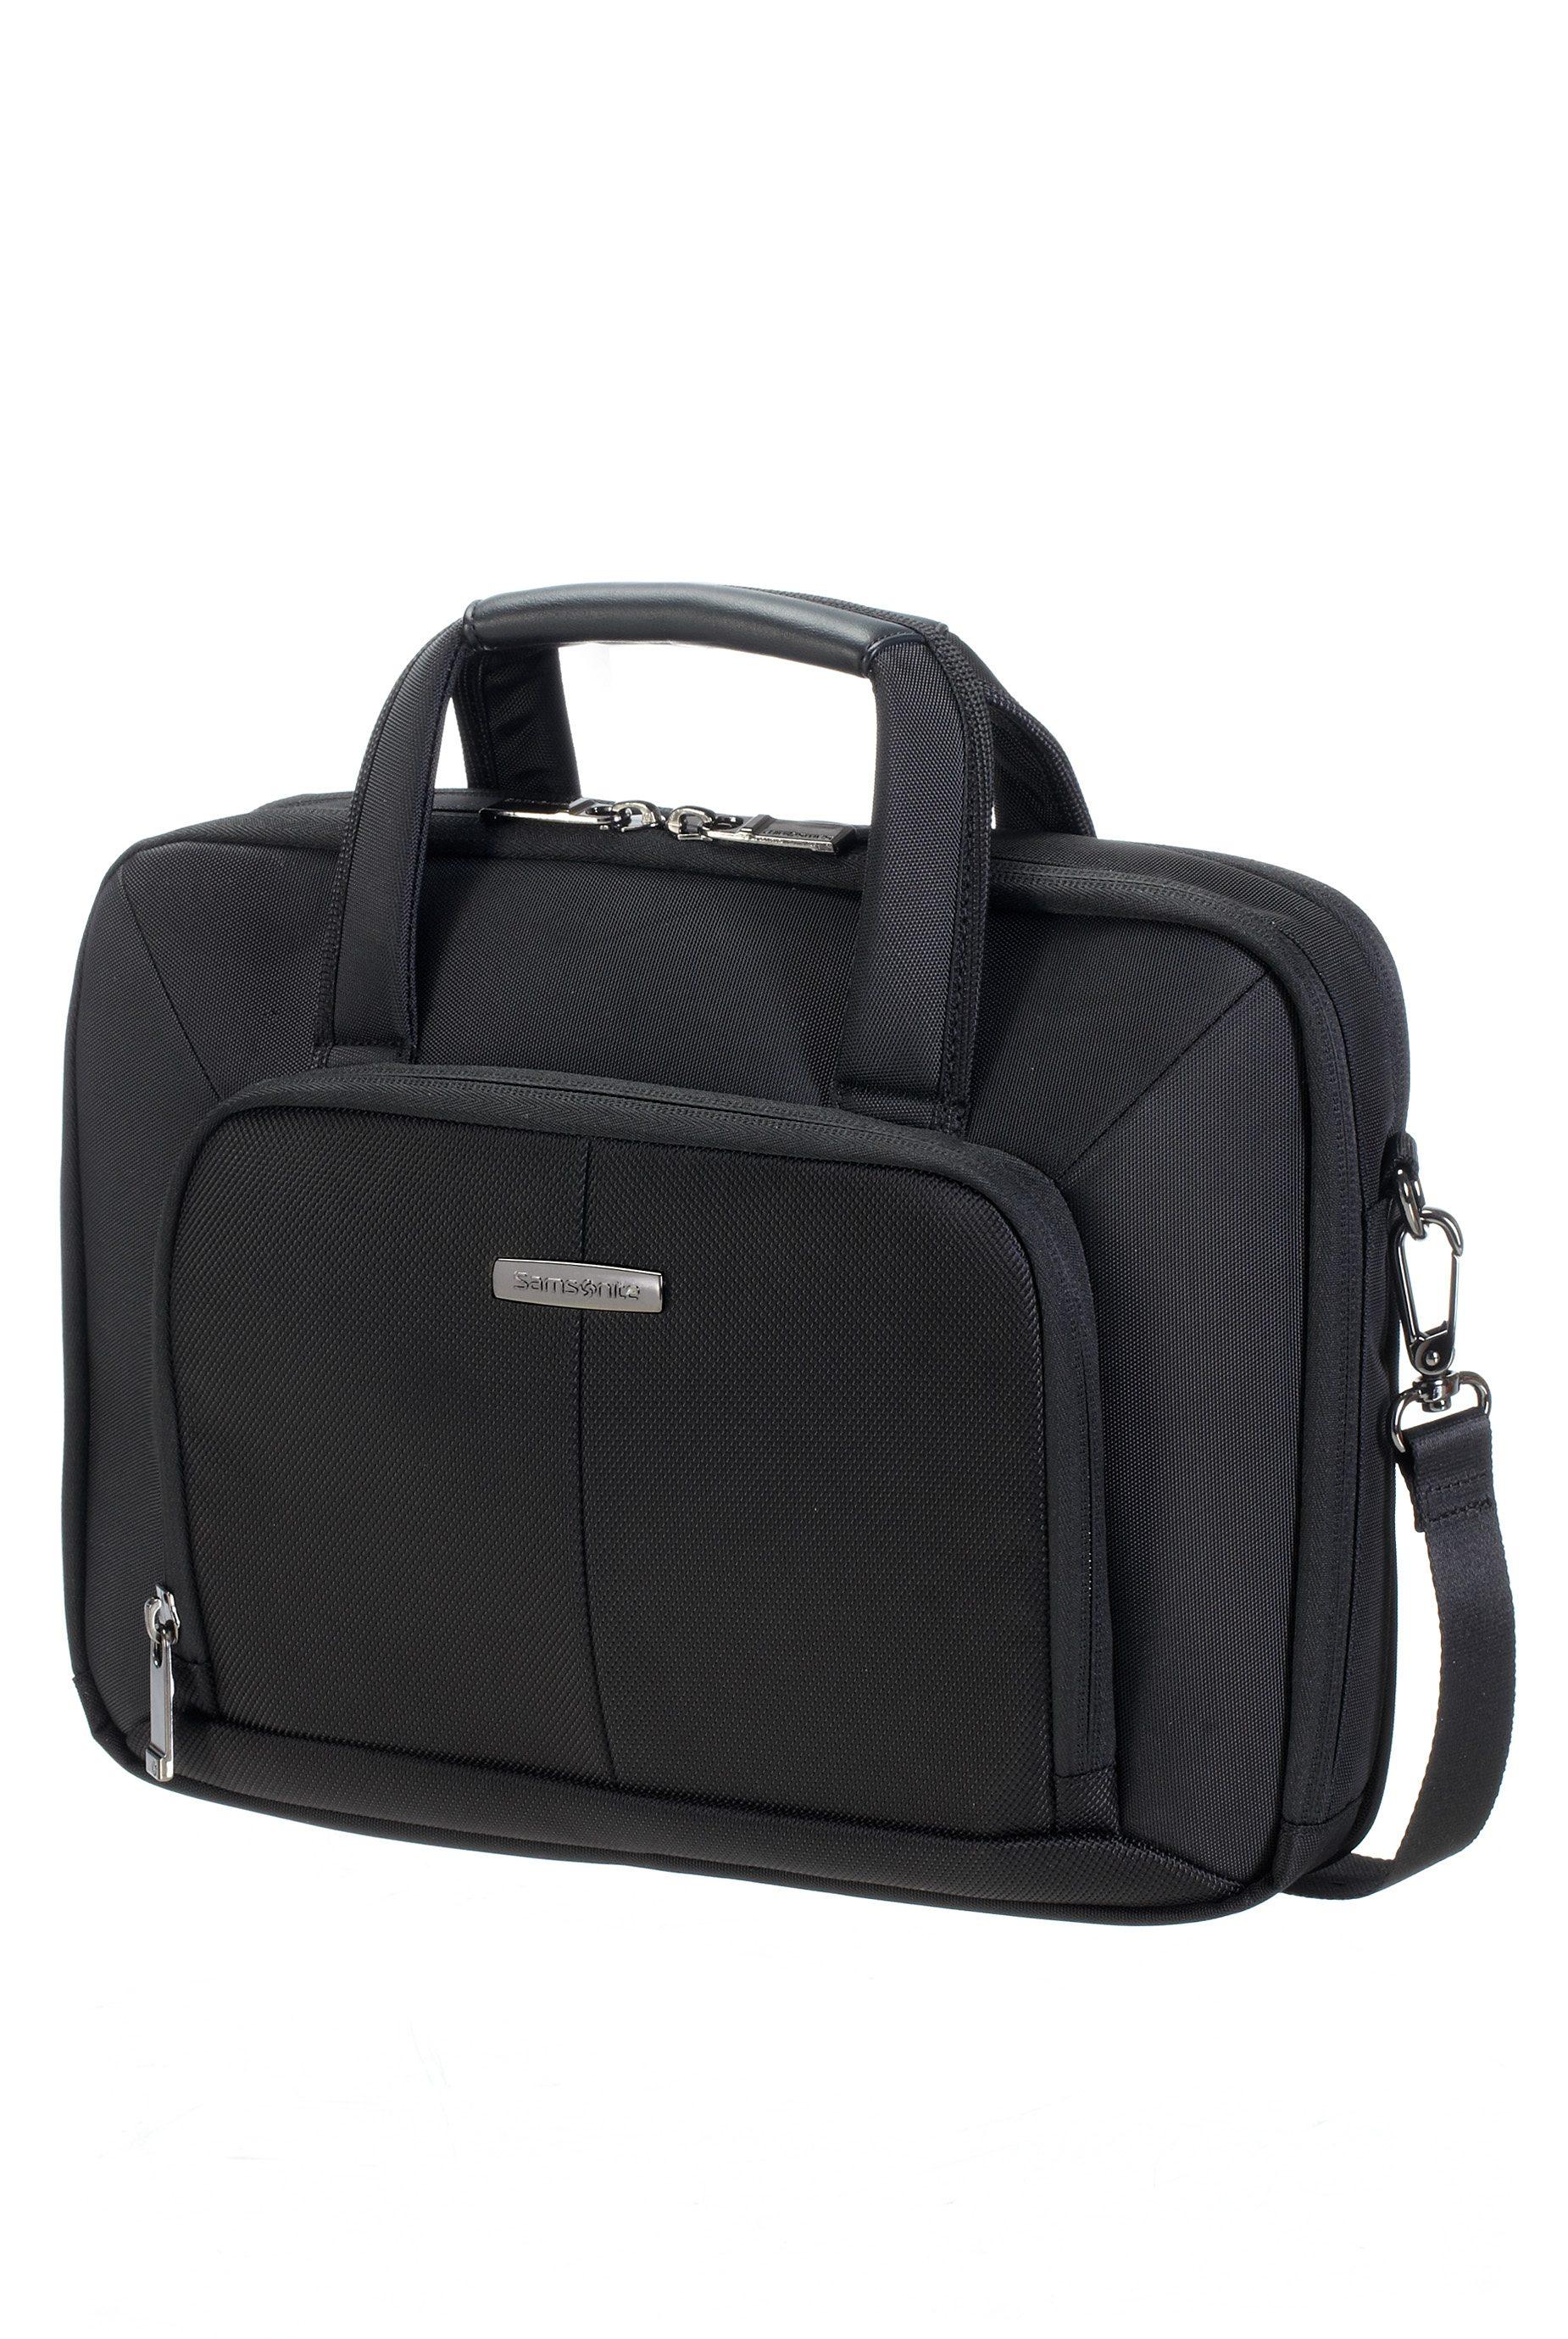 Samsonite Aktentasche mit 12,1-Zoll Laptopfach und Schultergurt, »Ergo-Biz Ultra Mobile Case«